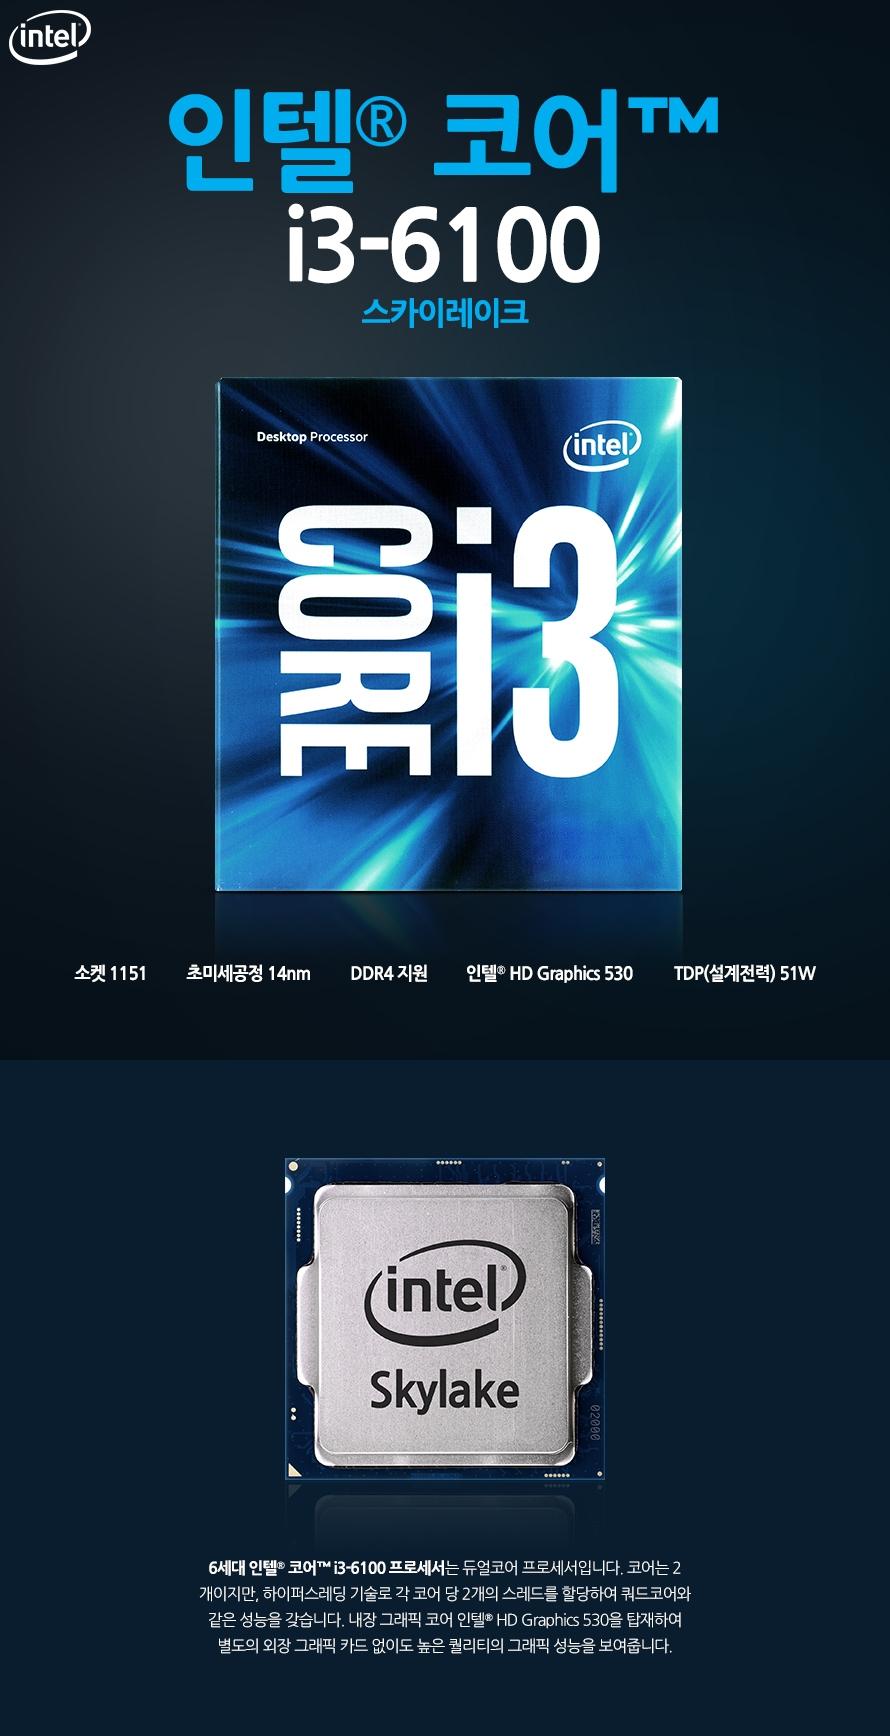 인텔 코어i3-6세대 6100 (스카이레이크)1151 소켓14nm 초미세공정DDR4 지원인텔 HD Graphics 530 TDP(설계전력) 51W6세대 인텔 코어 i3-6100 프로세서는 강력한 성능과 높은 안전성을 갖춘 쿼드코어 프로세서로입니다. 내장 그래픽 코어 인텔 HD Graphics 530을 탑재하여 별도의 외장 그래픽 카드 없이도 높은 퀄리티의 그래픽 성능을 제송합니다.